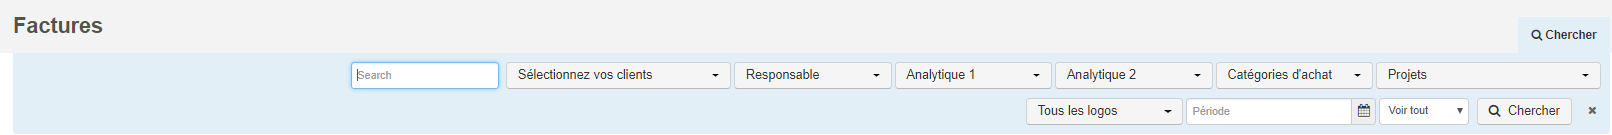 Smoall - critères de recherche factures vente